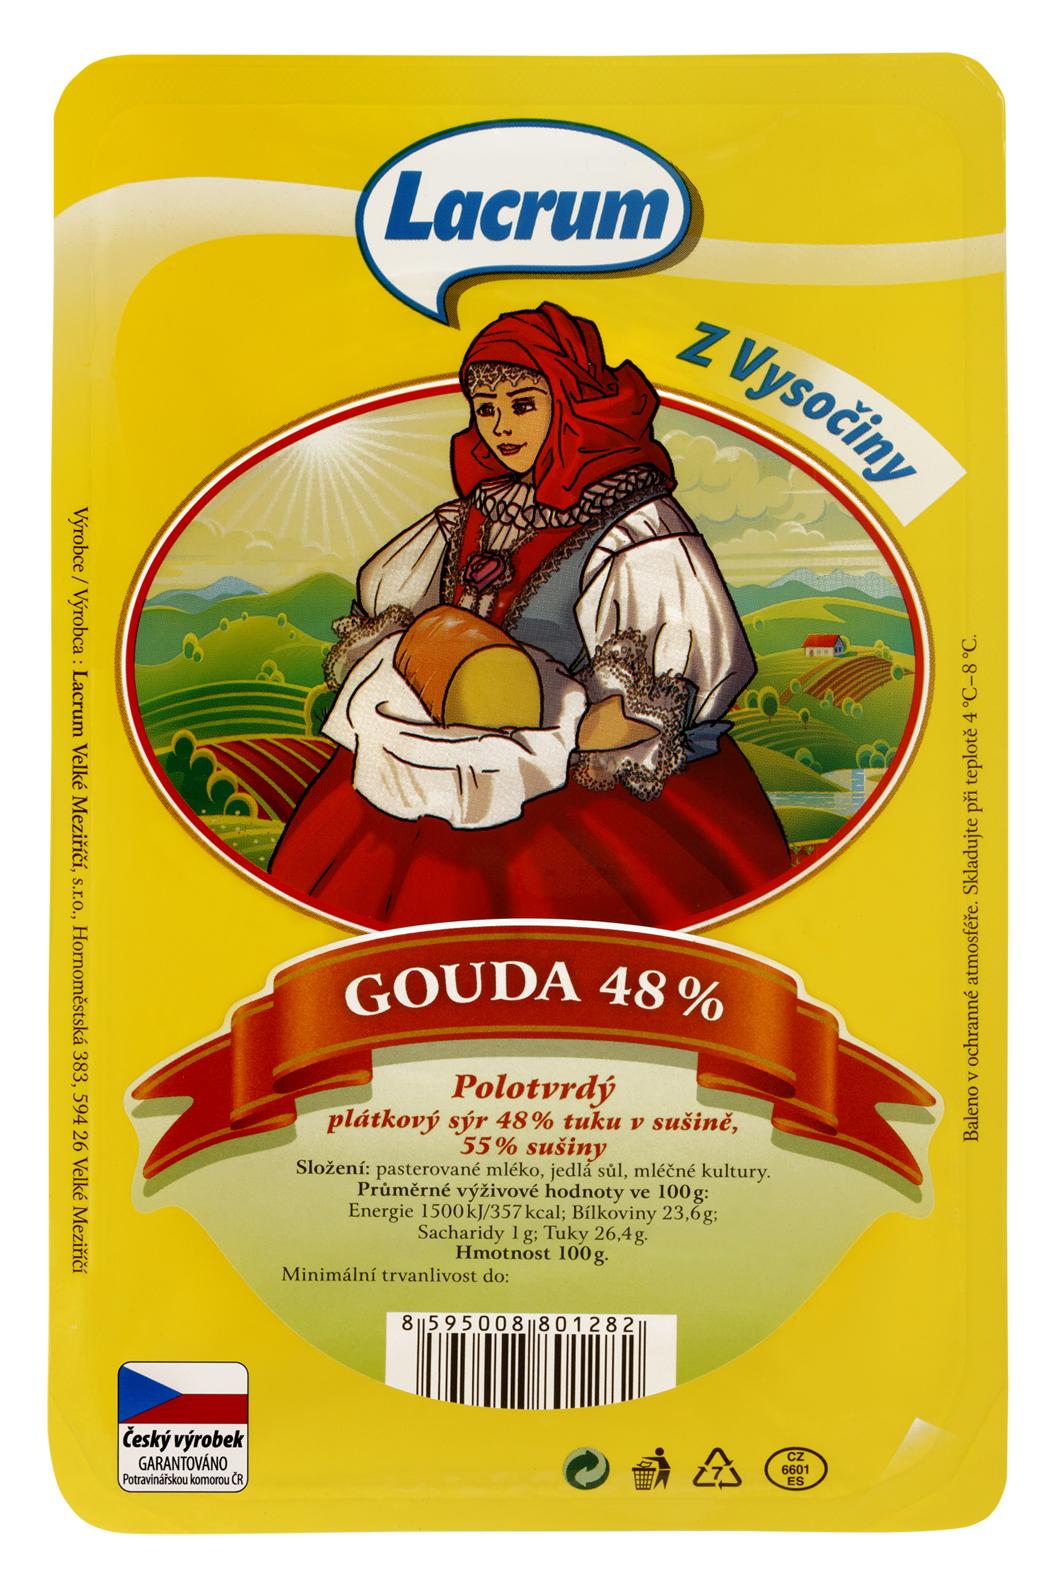 Značka Gouda 48 %